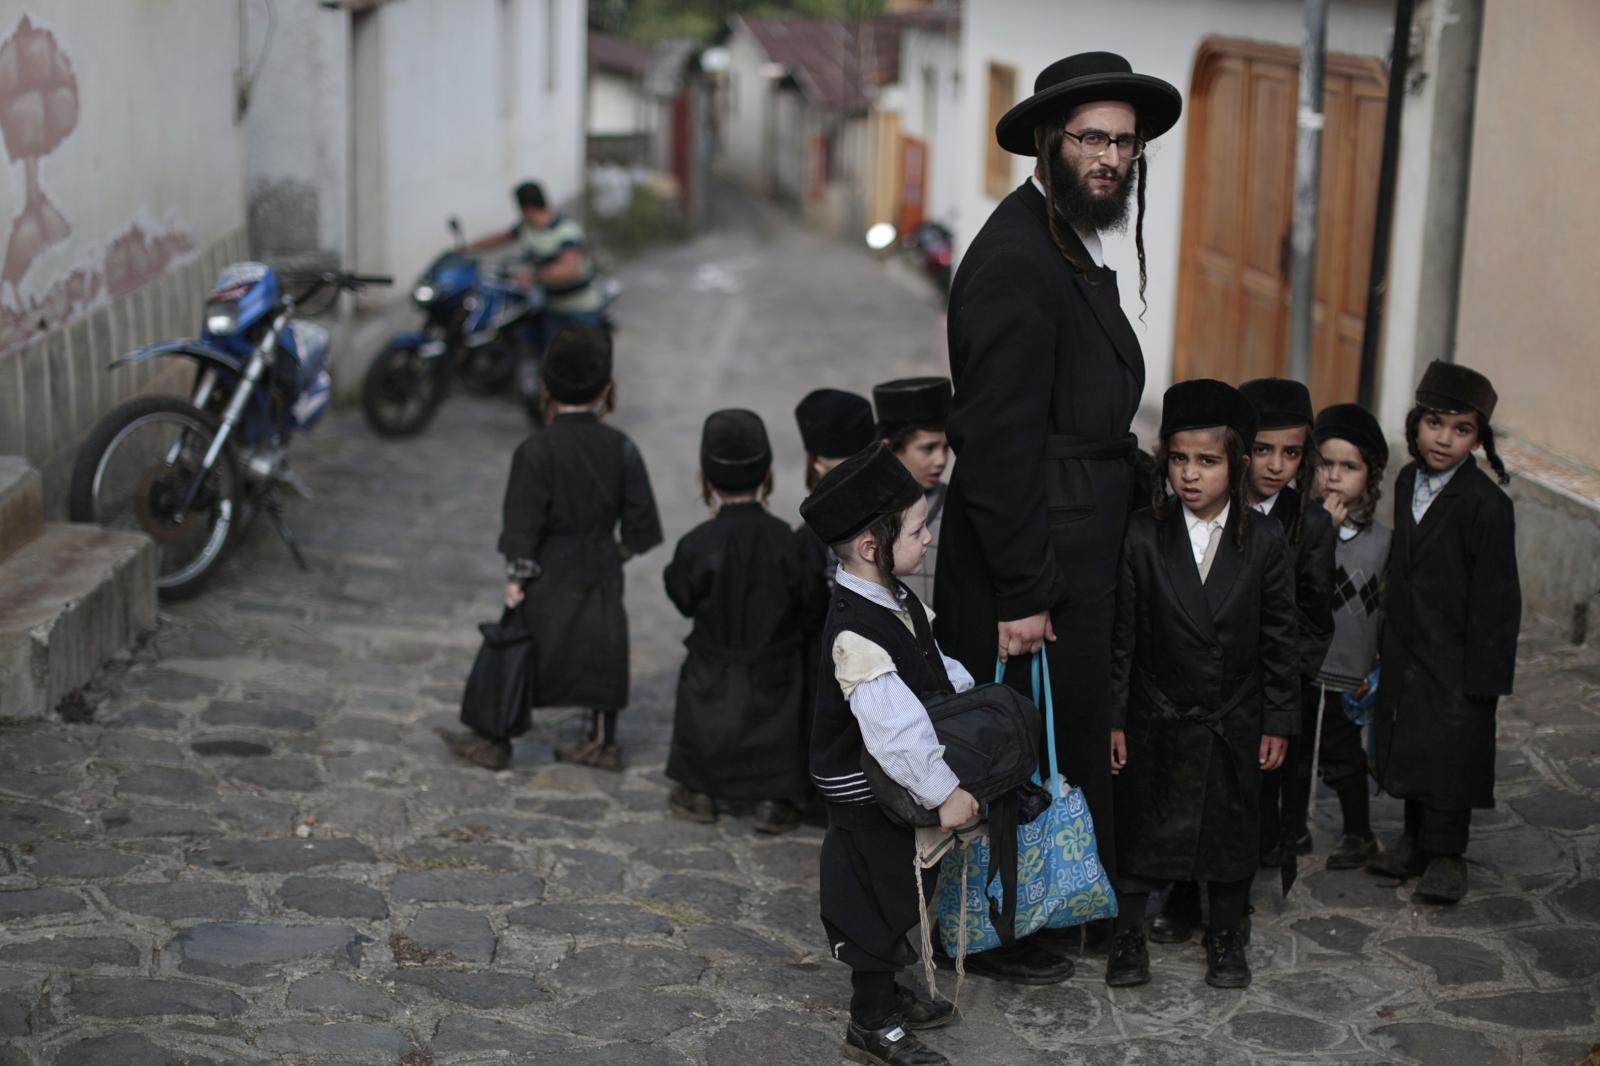 Orthodox Jewish Community Leaves Guatemala Village